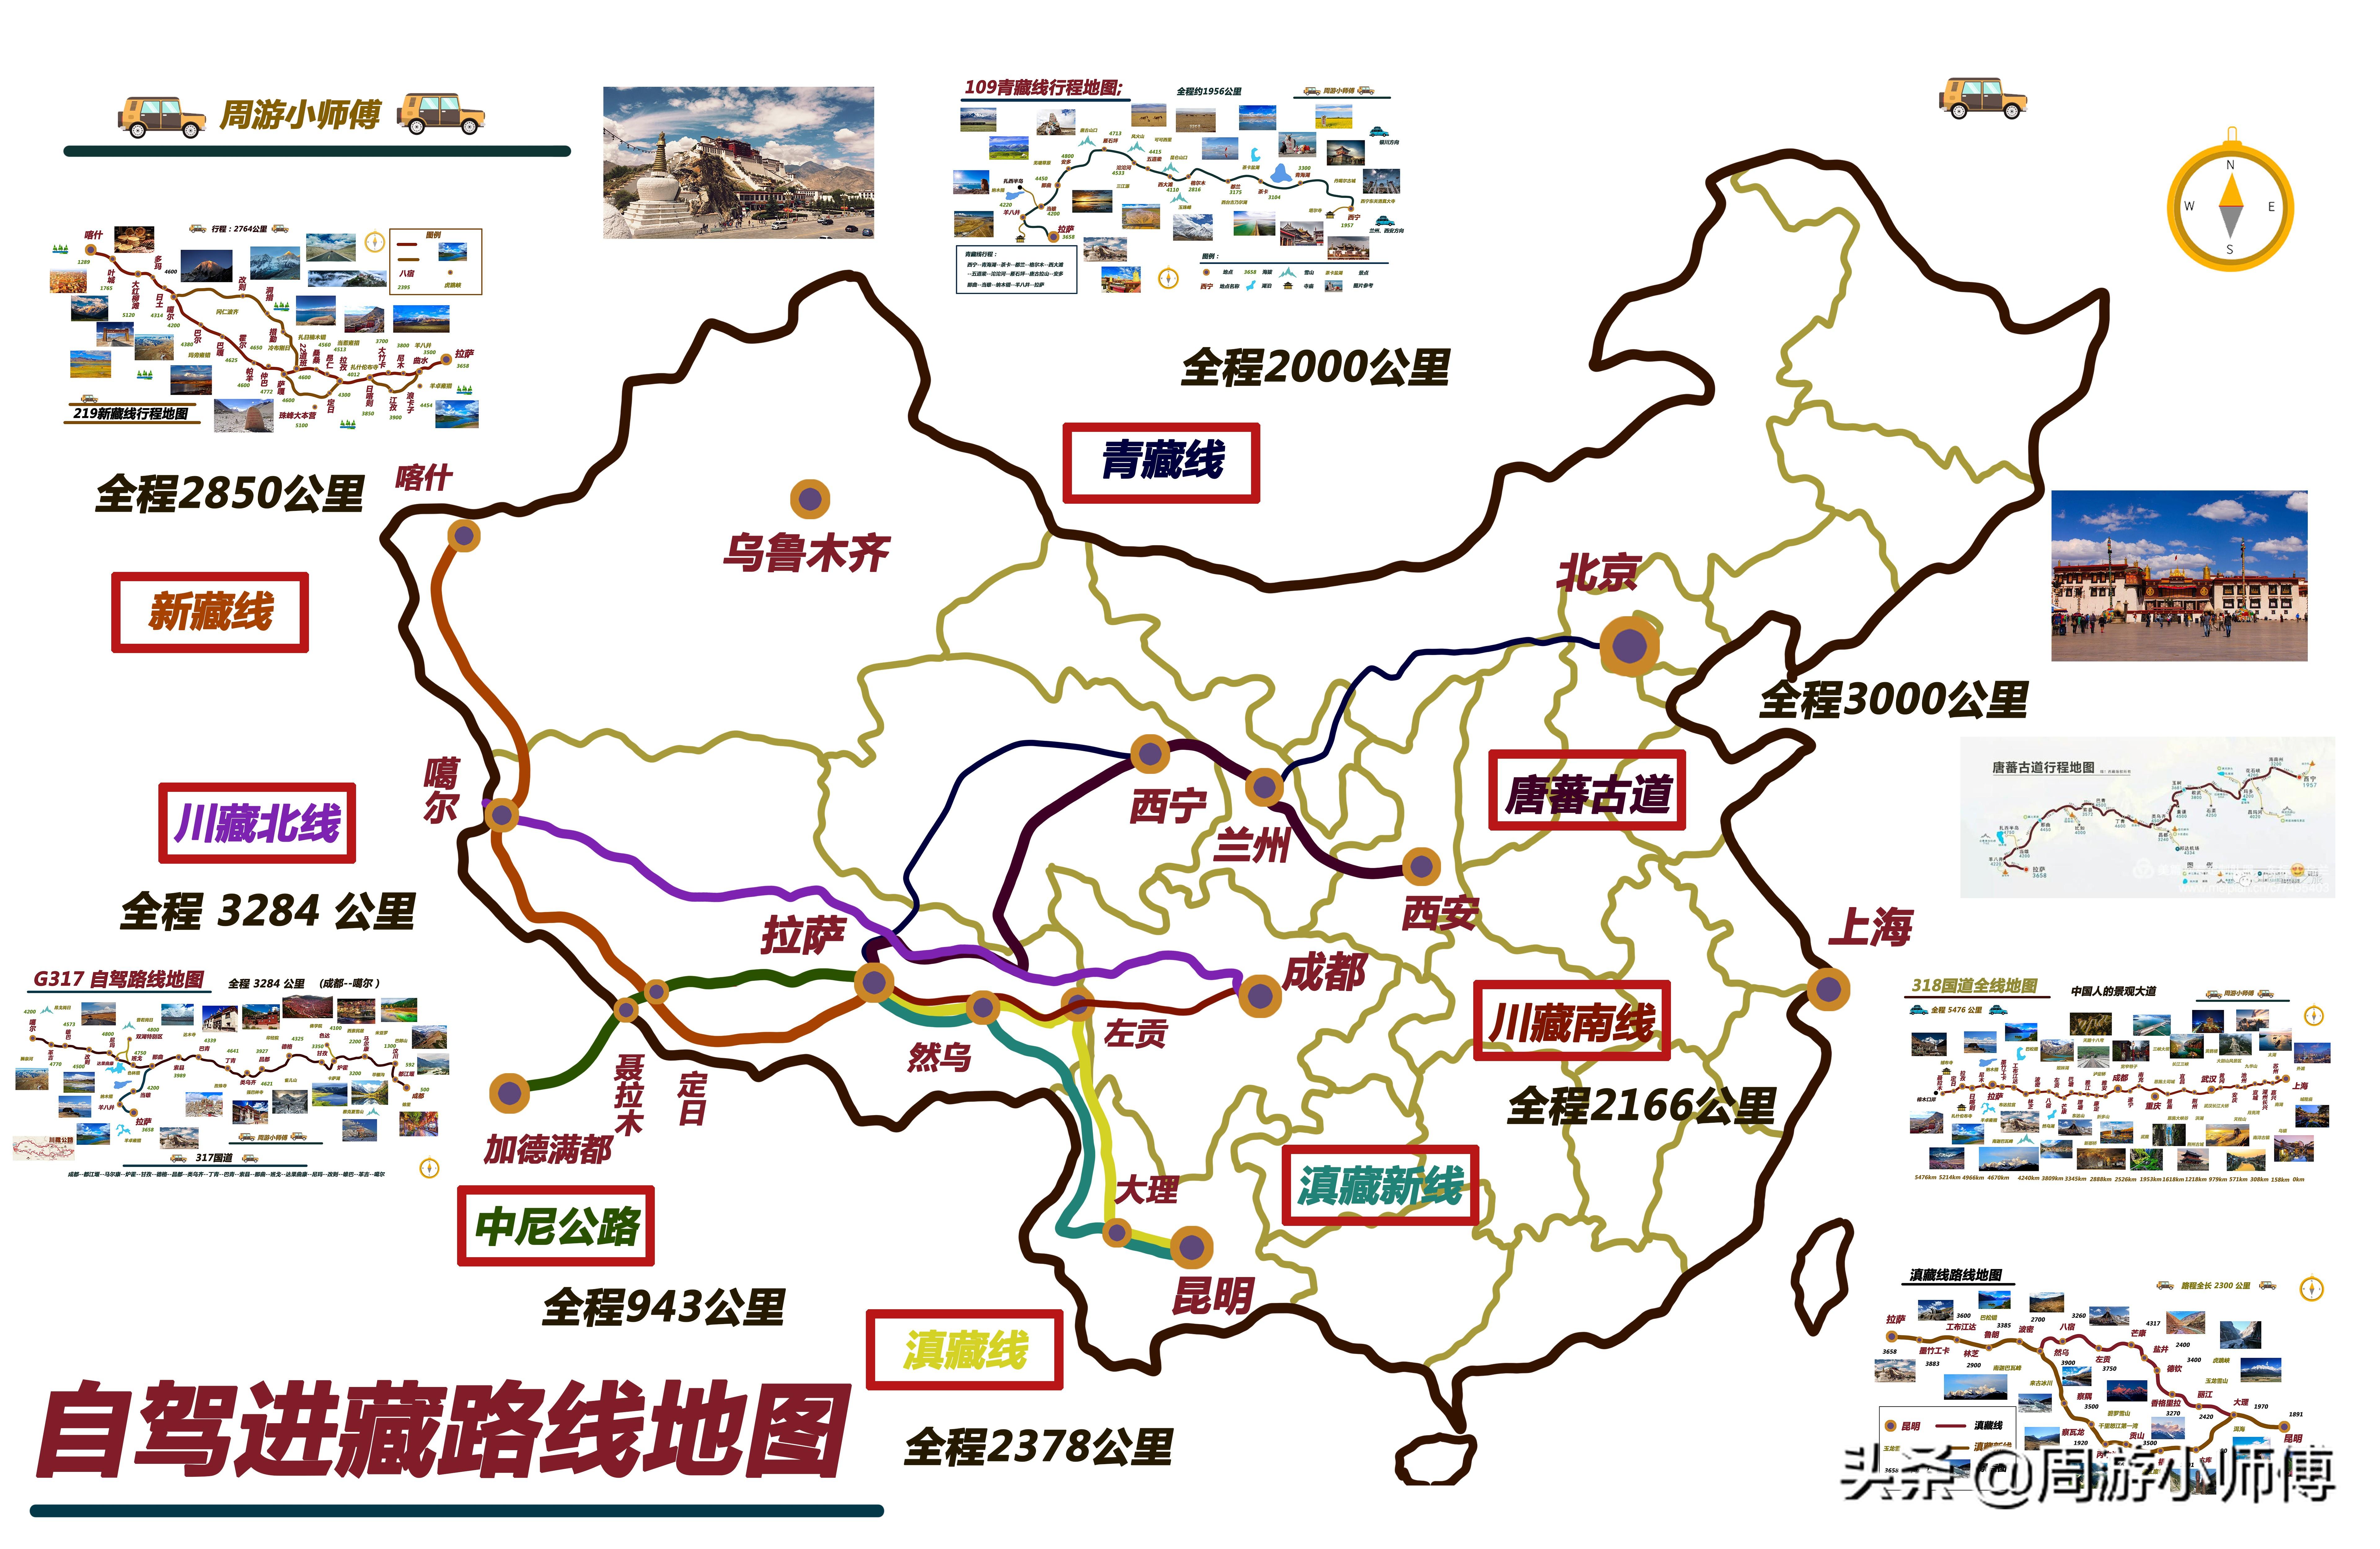 中國精華美景出行路線有哪些?陸地48條經典路線和地圖分享